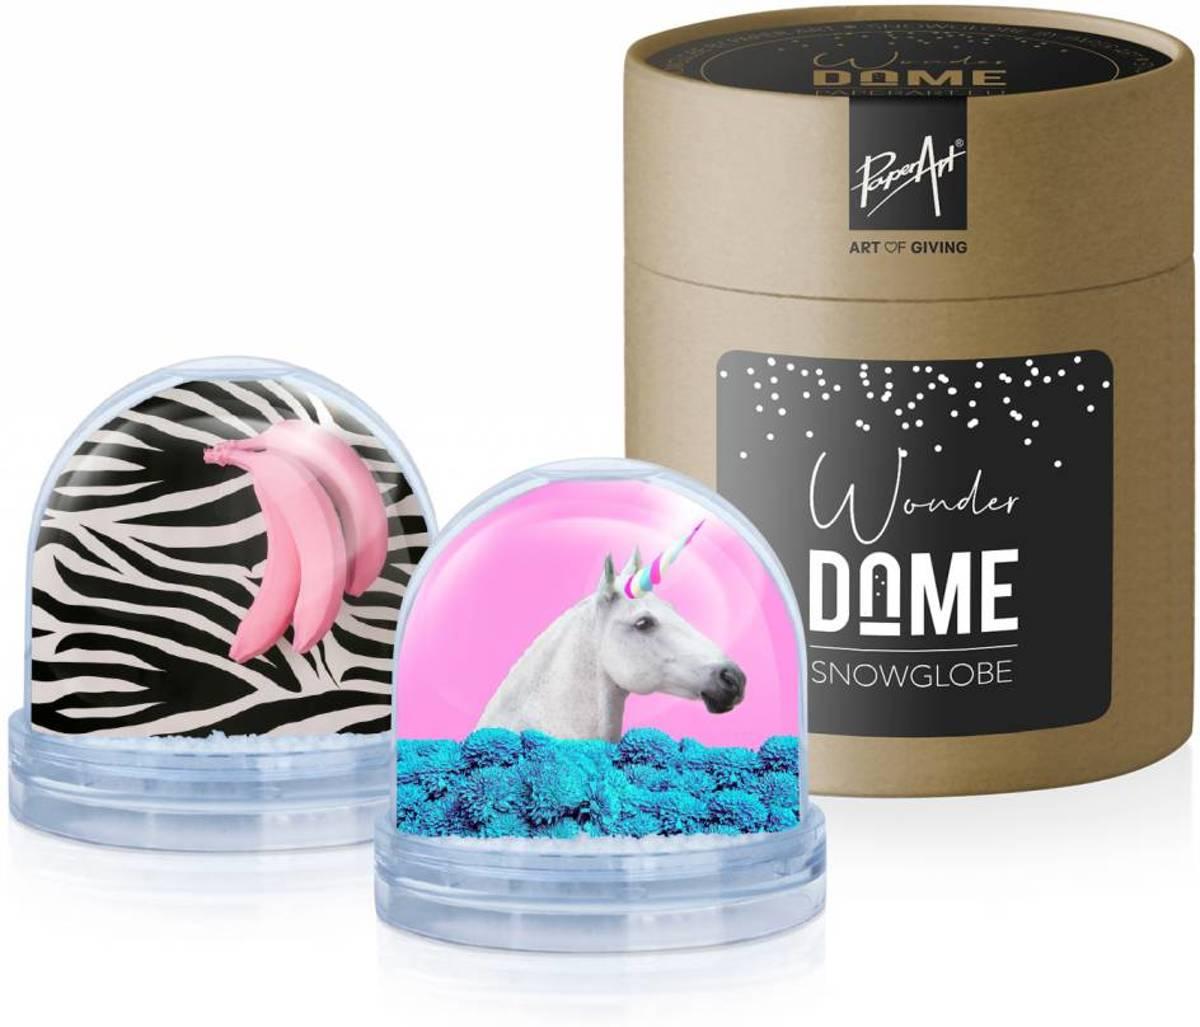 Sneeuwbol 'Wonder Dome' - Eenhoorn & Roze Bananen kopen